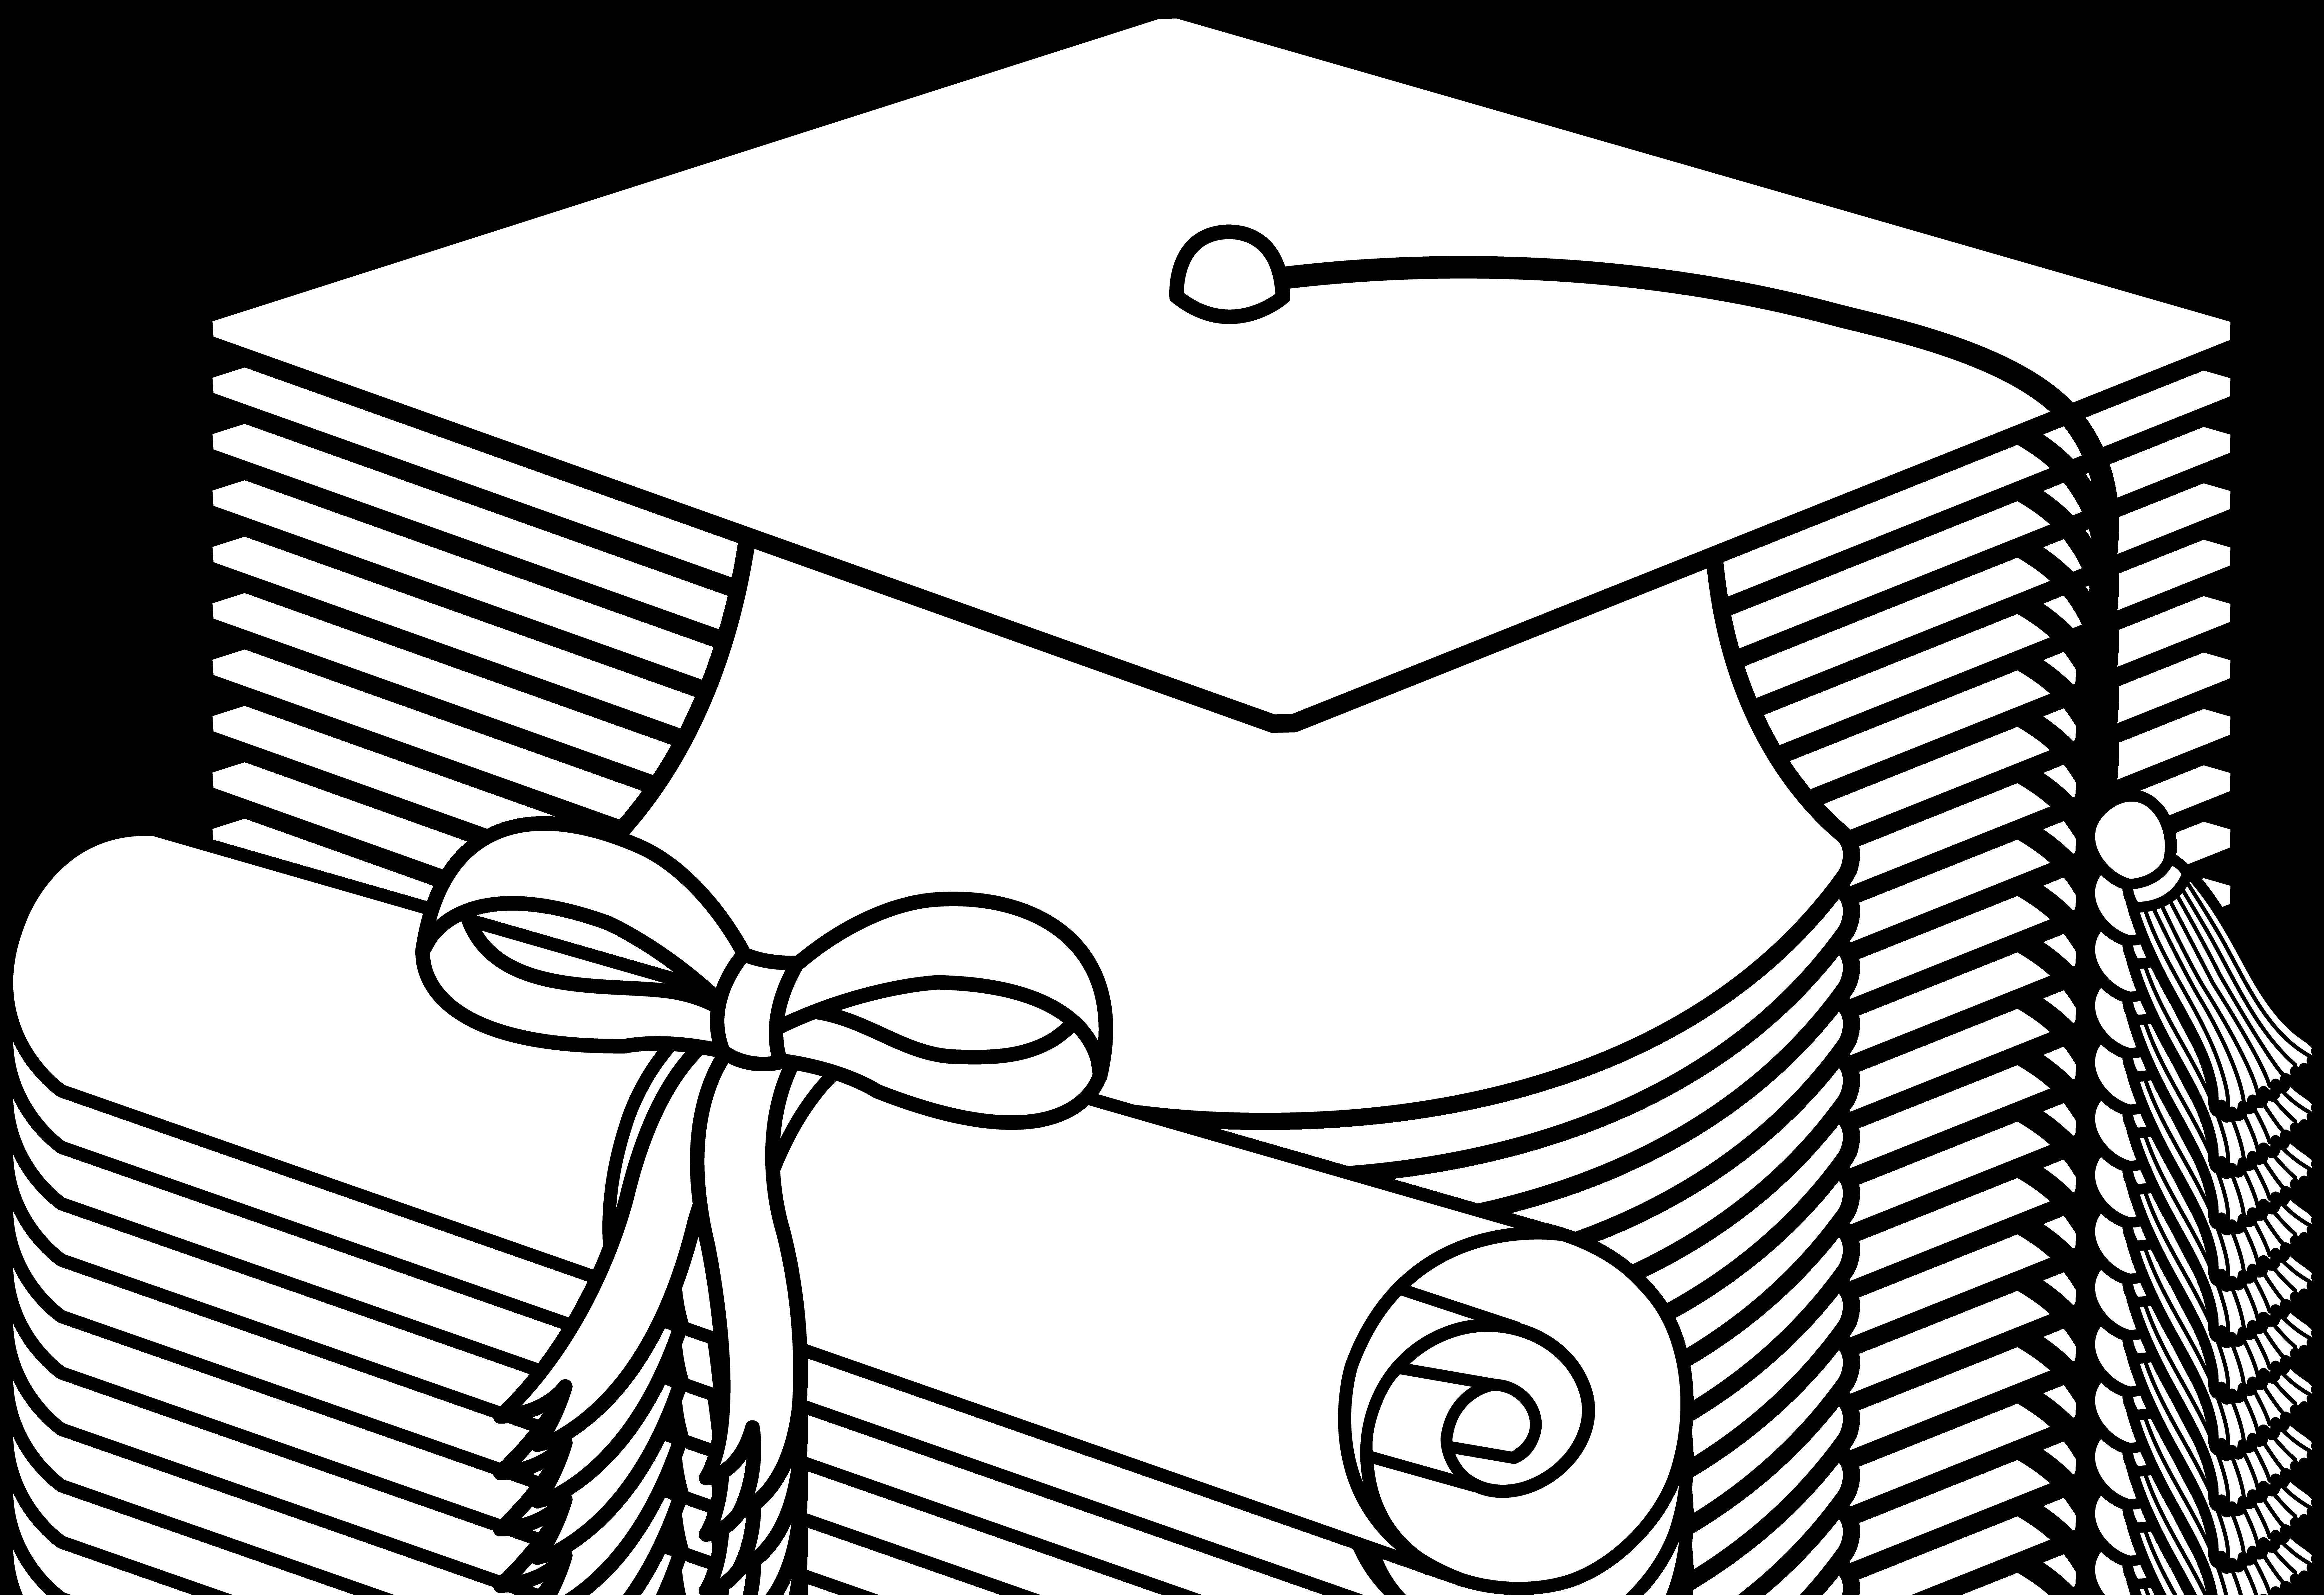 Flying Graduation Caps Clip Art | Gradua-Flying Graduation Caps Clip Art | Graduation Cap Line Art - Free Clip Art | Stuff to Buy | Pinterest | Clip art, Graduation and Clip art free-5